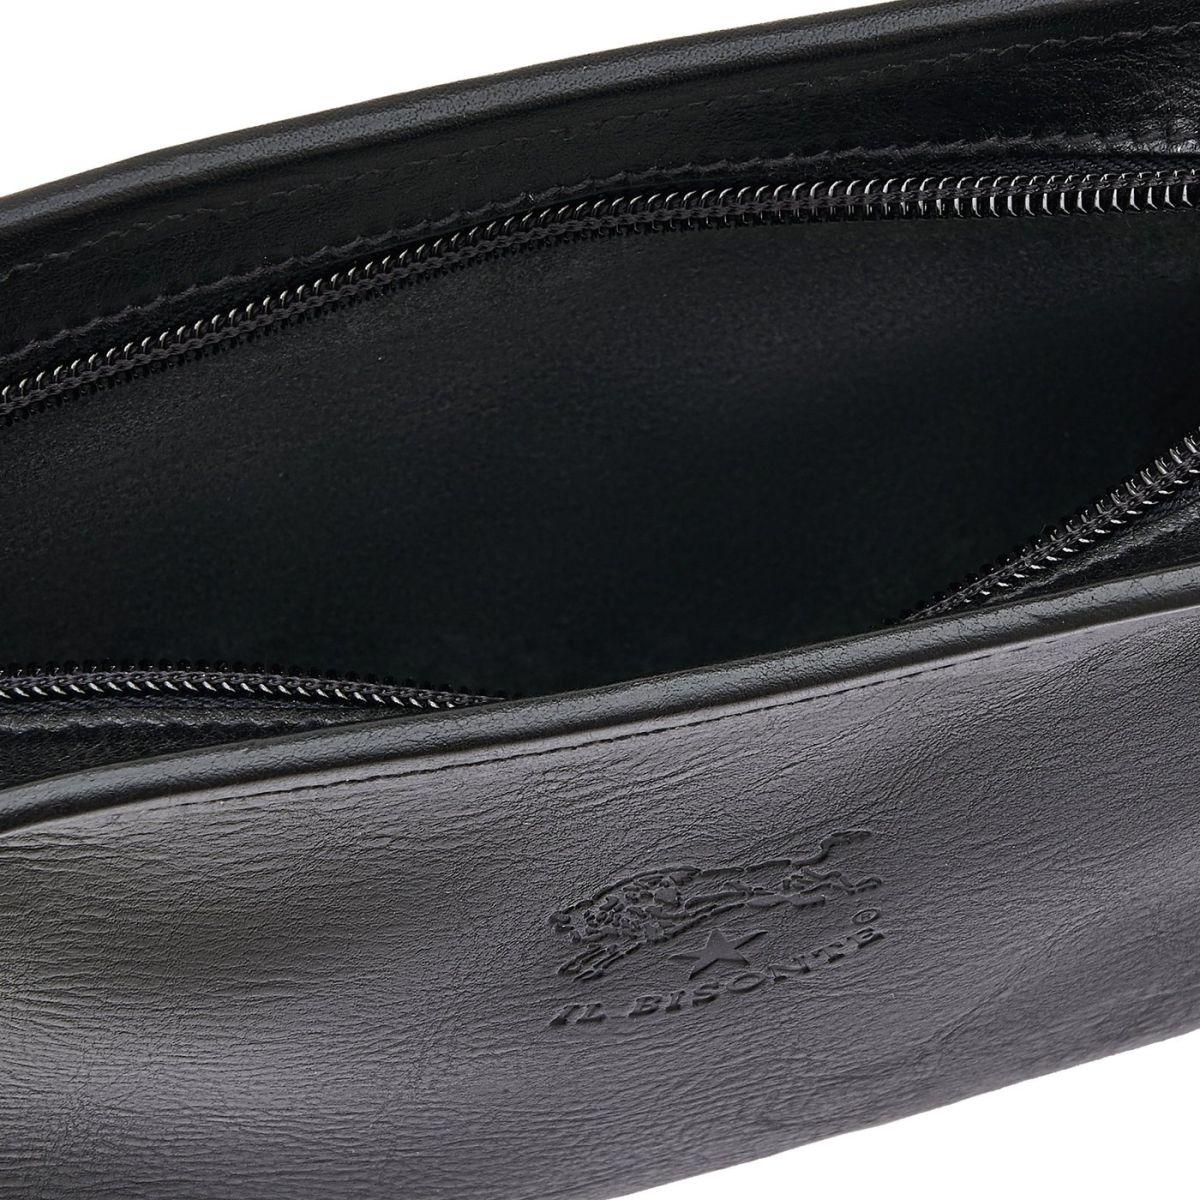 Sac Bandouliere pour Femme en Cuir De Vachette Doublé BCR009 couleur Noir | Details